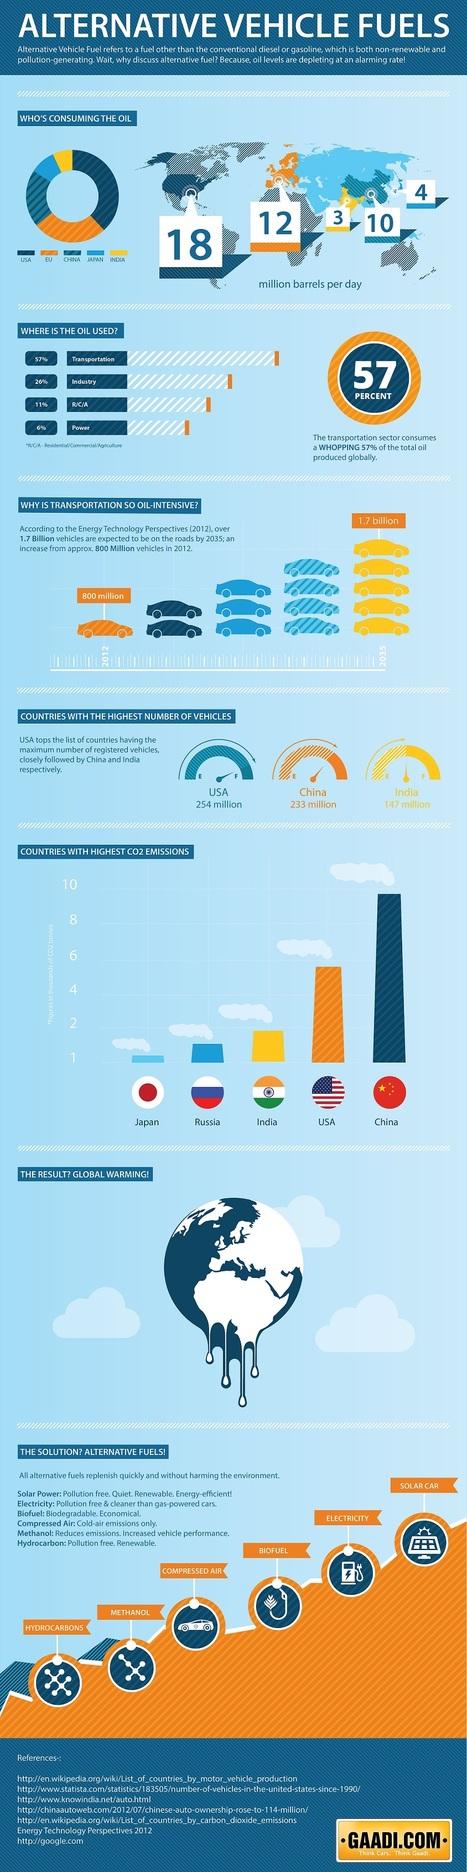 Alternative Fuels for Automobiles - Gaadi.com | Peer2Politics | Scoop.it